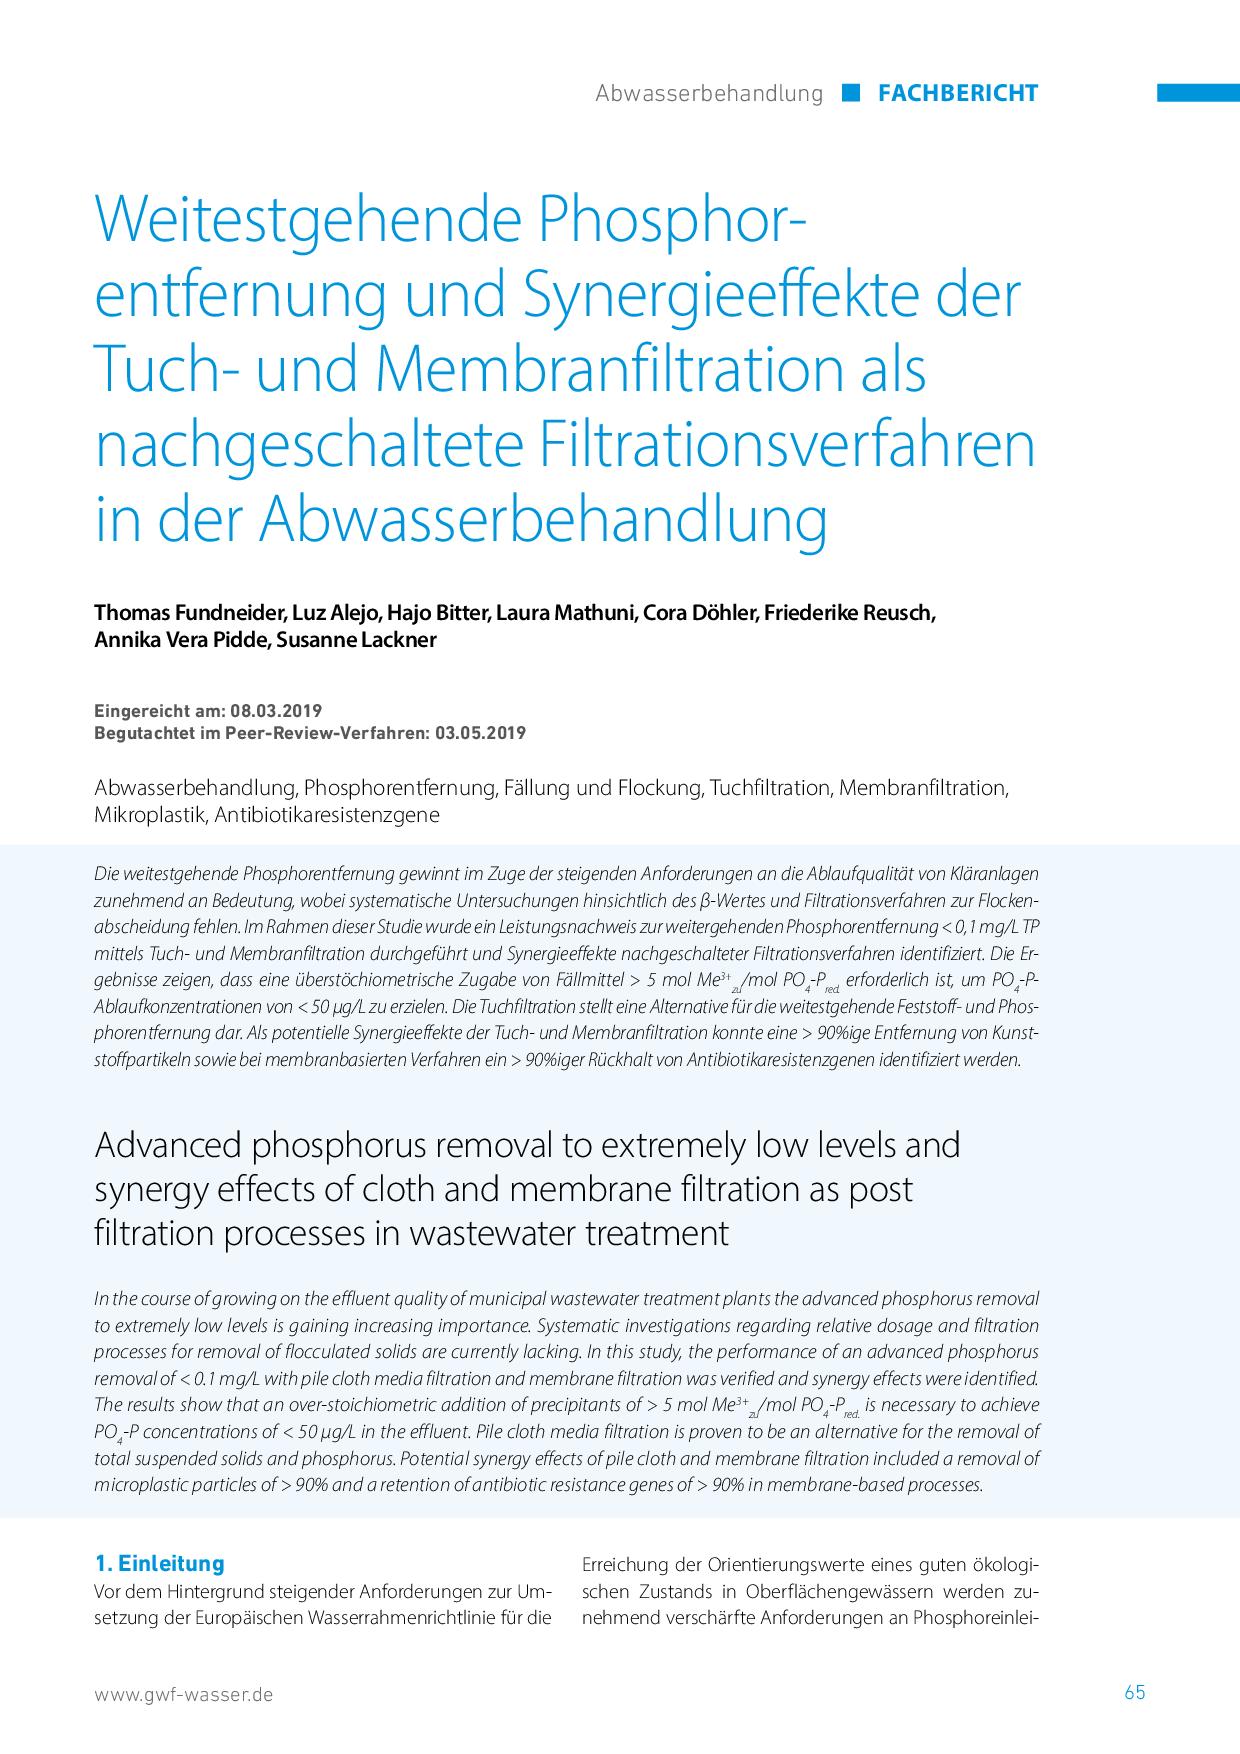 Weitestgehende Phosphorentfernung und Synergieeffekte der Tuch- und Membranfiltration als nachgeschaltete Filtrationsverfahren in der Abwasserbehandlung